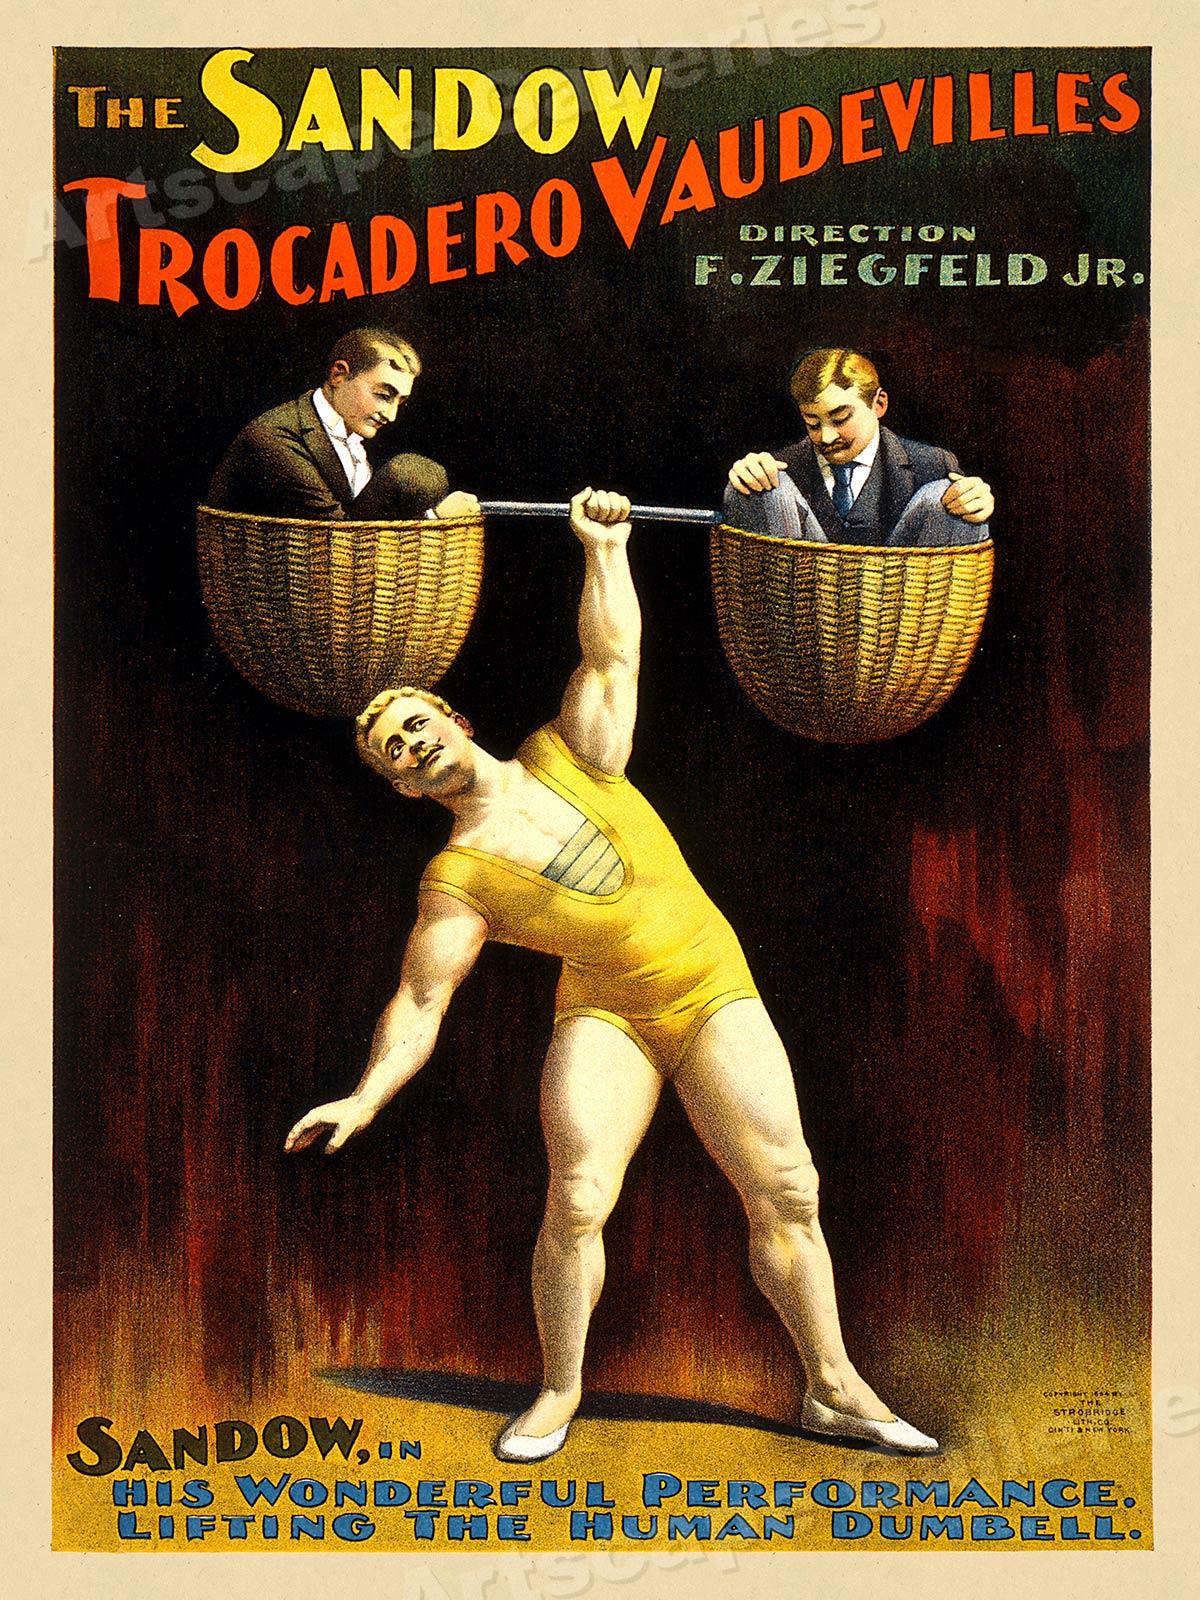 1890s Vaudeville Poster The Sandow Trocadero Vaudeville Act